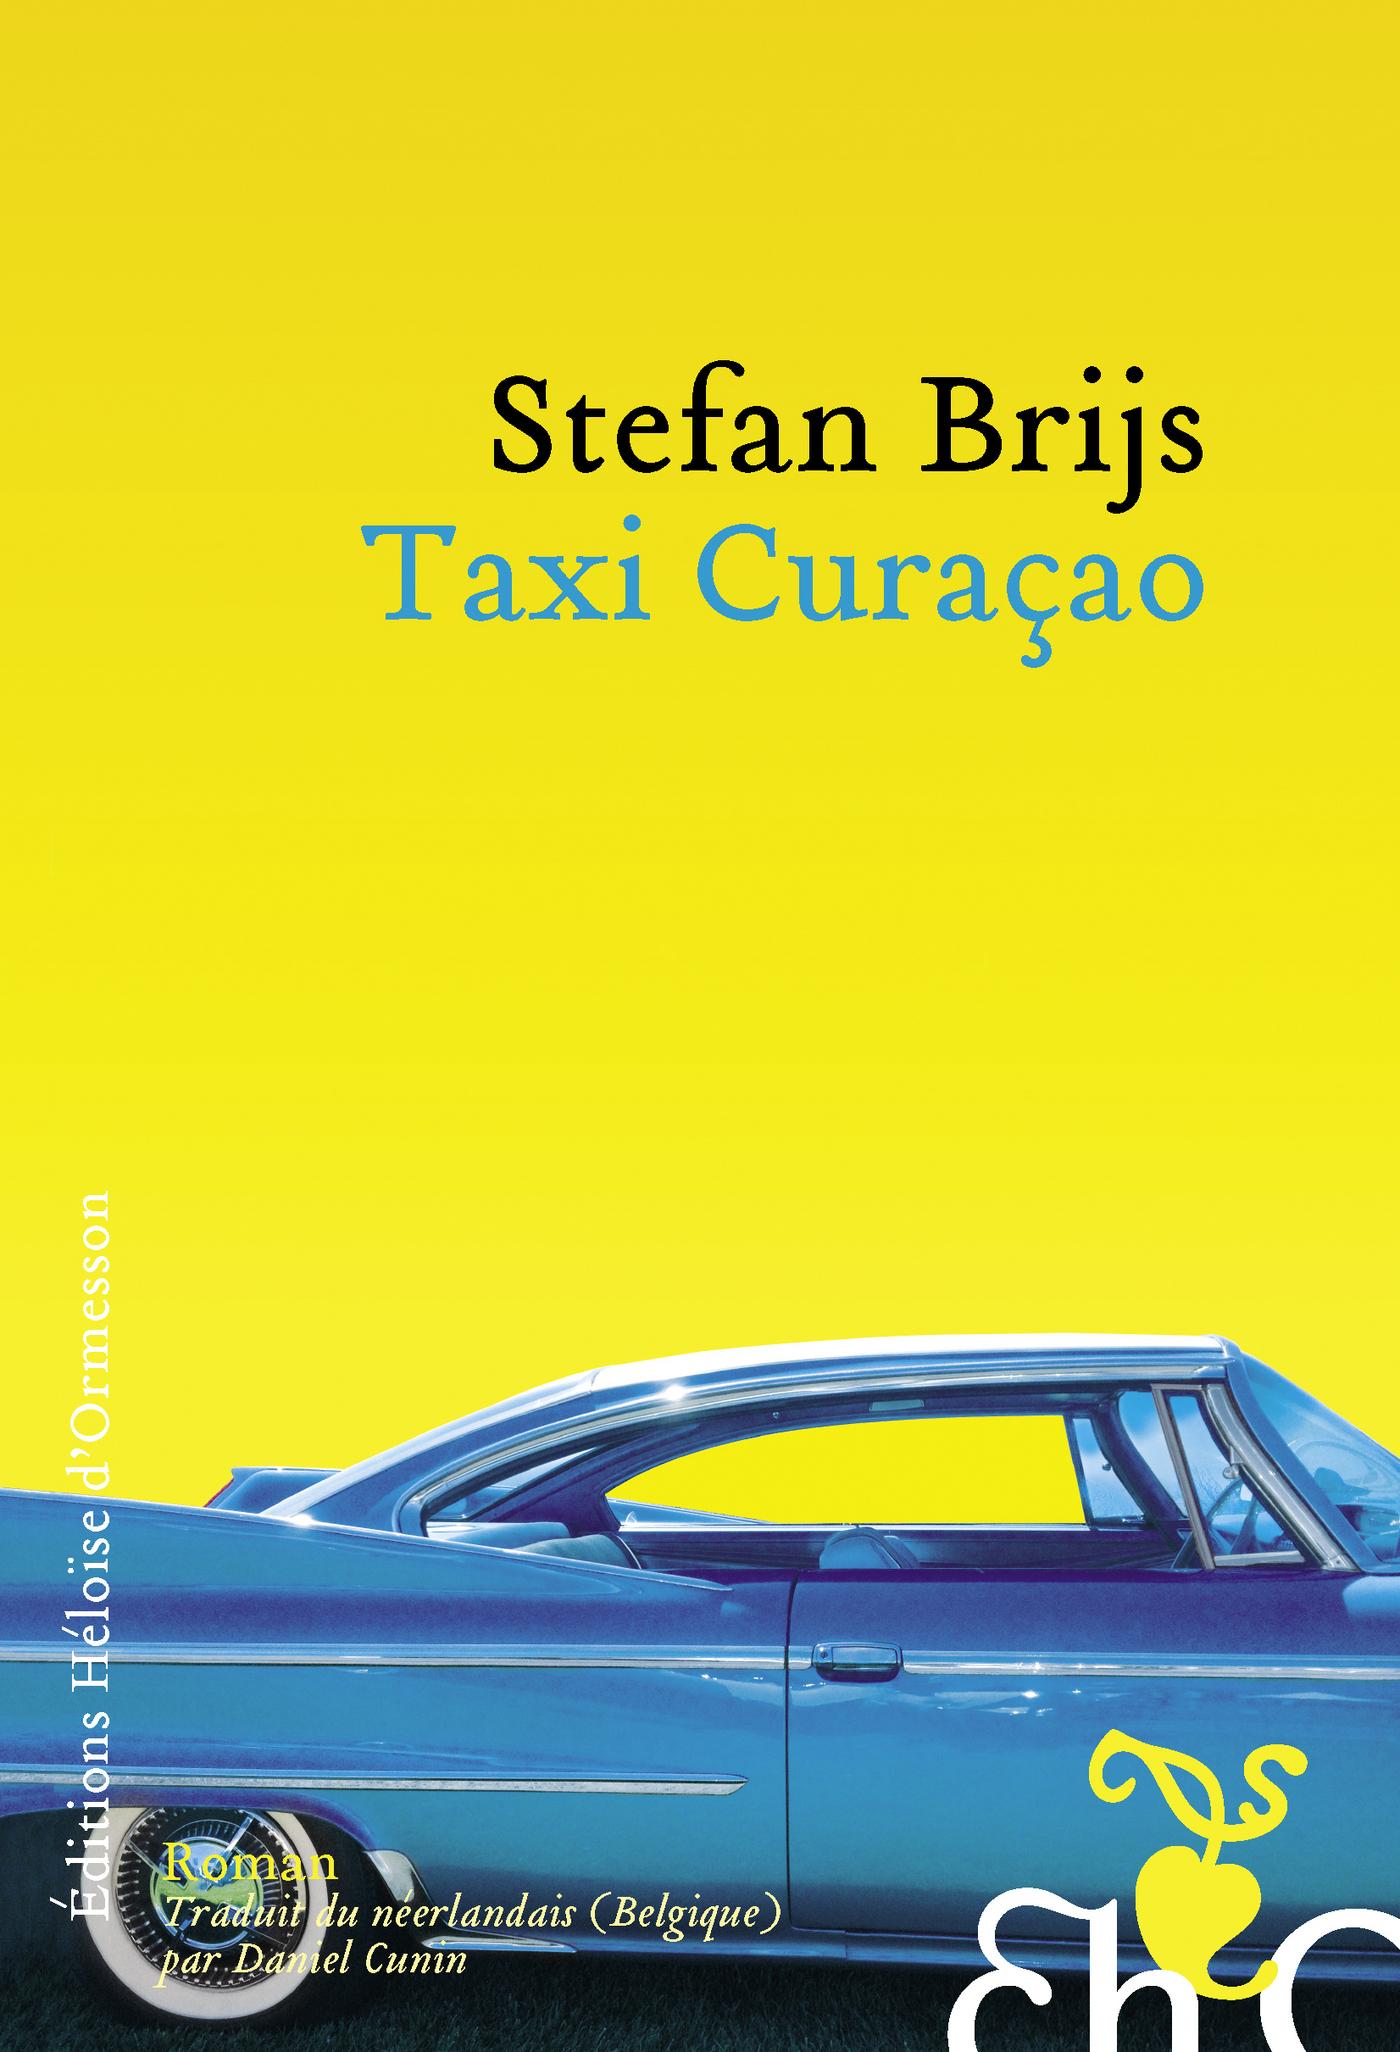 Taxi Curaçao |